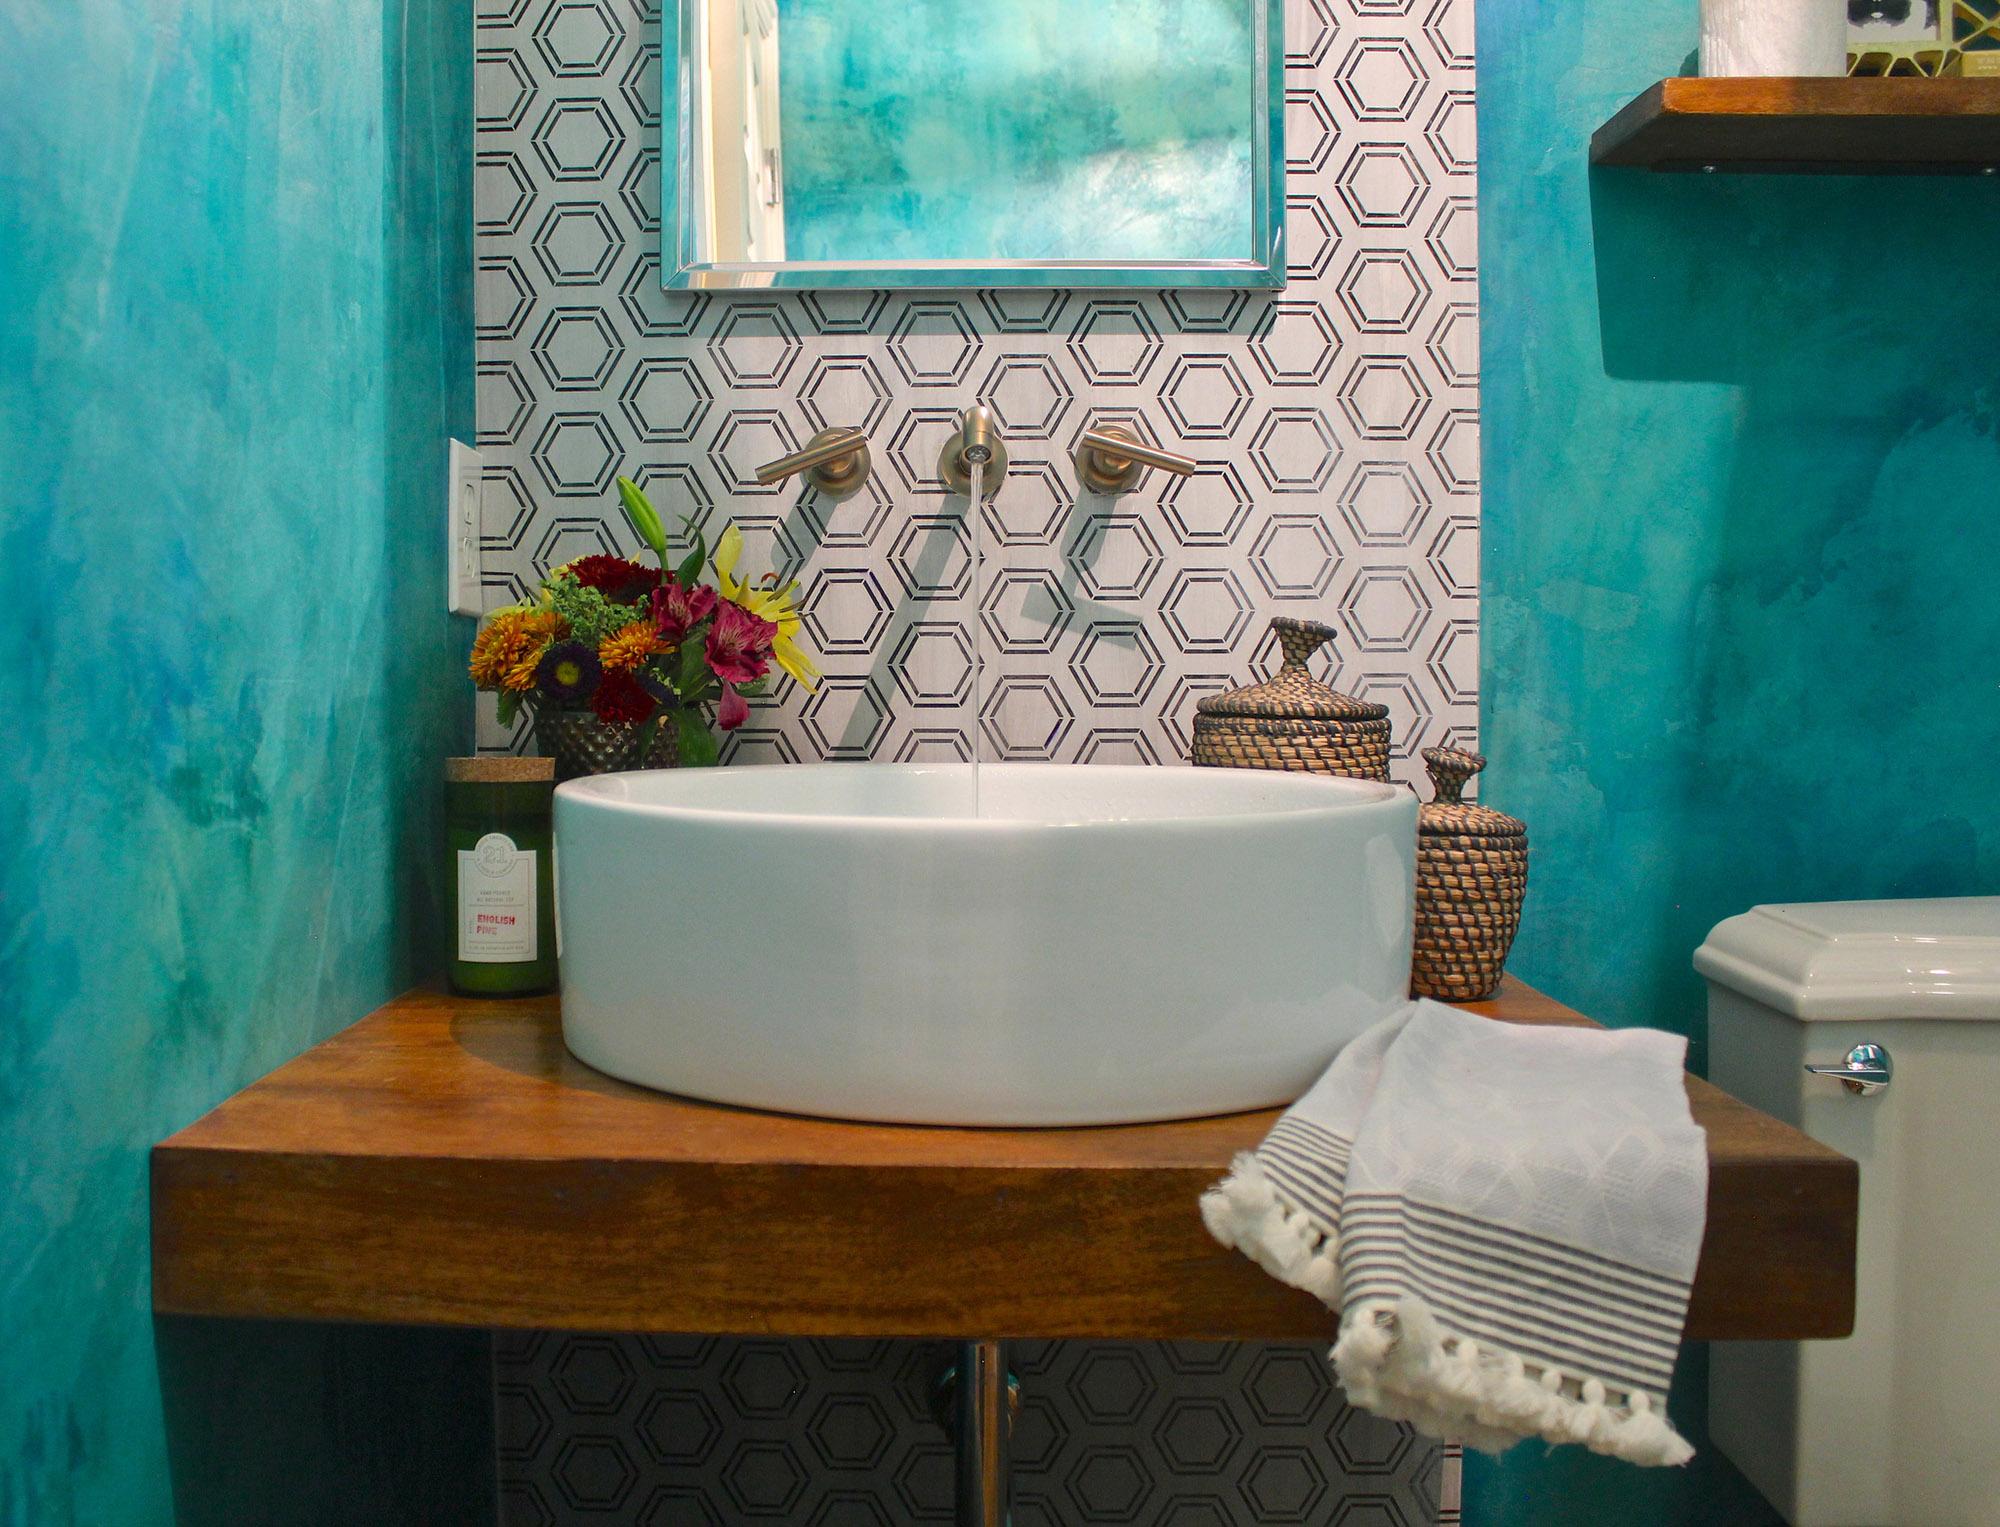 Крашеная плитка над раковиной в ванной